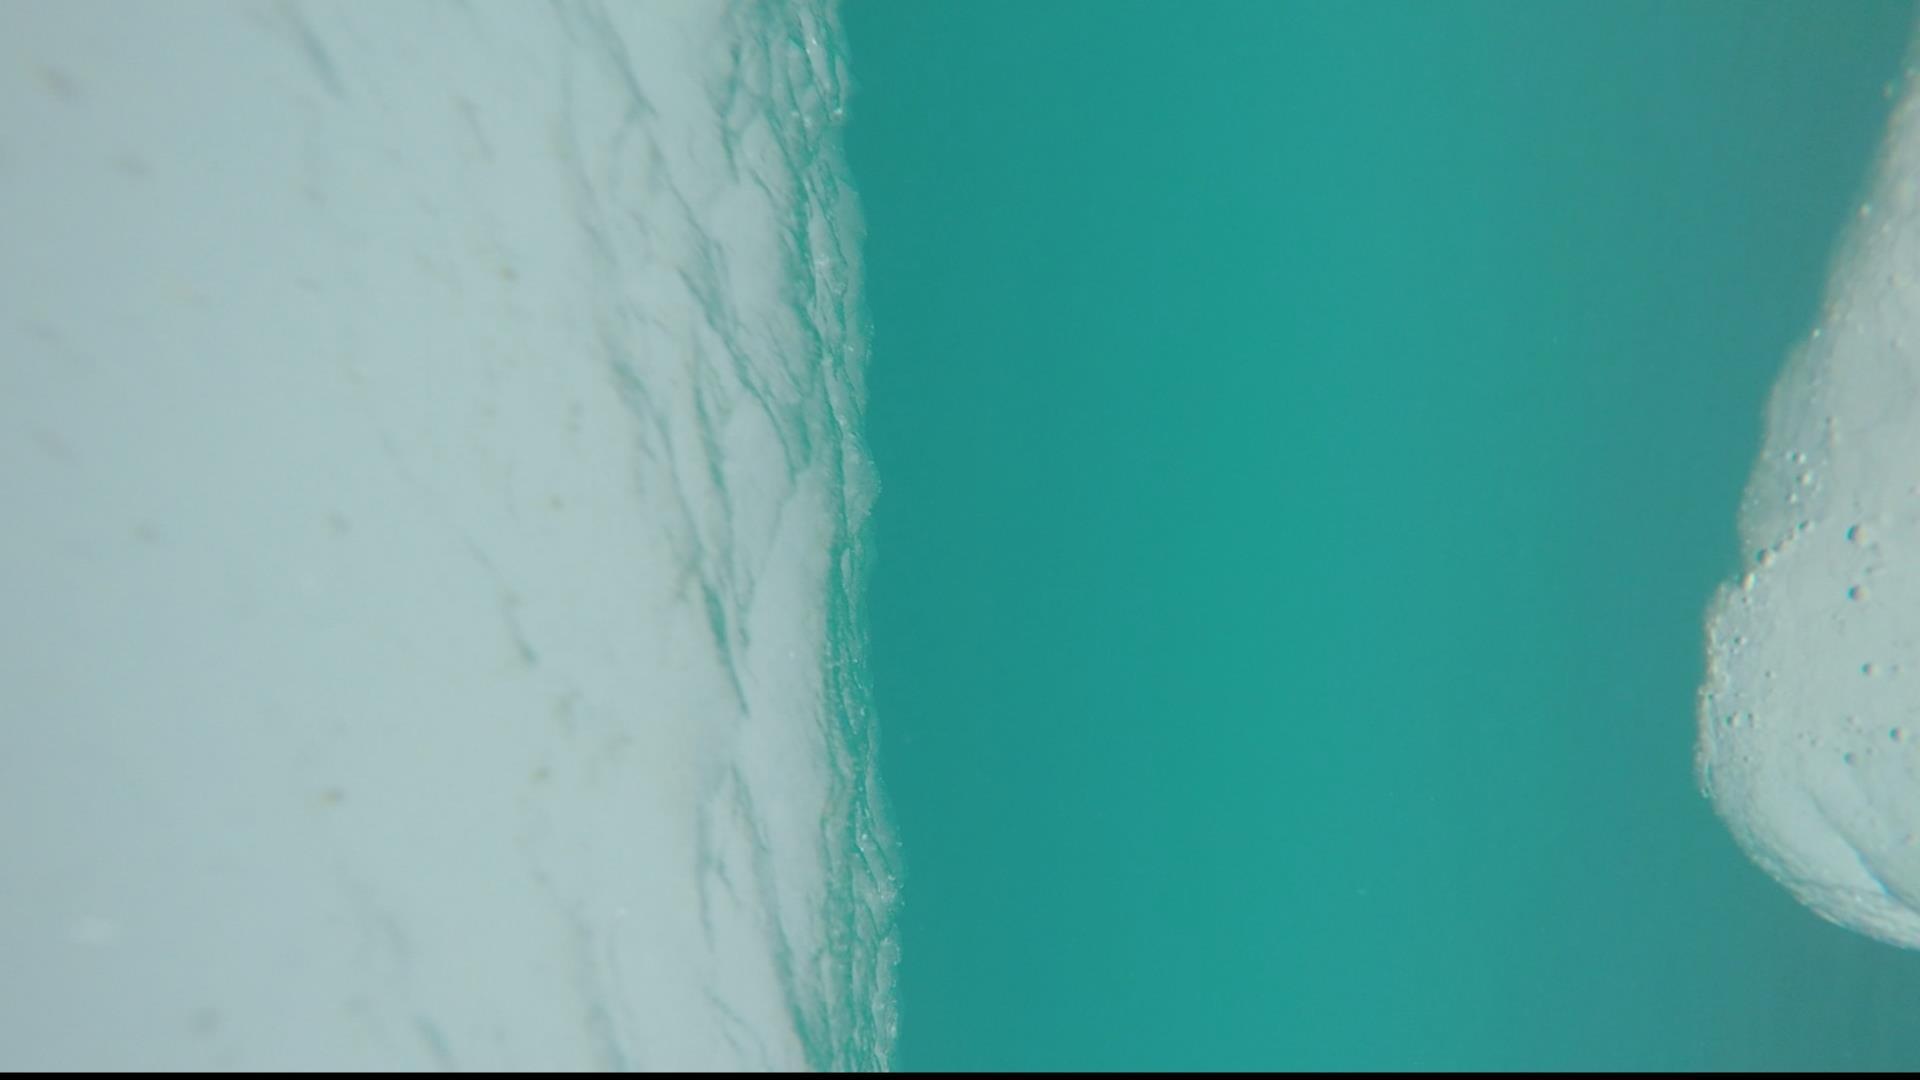 Arctic Ocean sounds